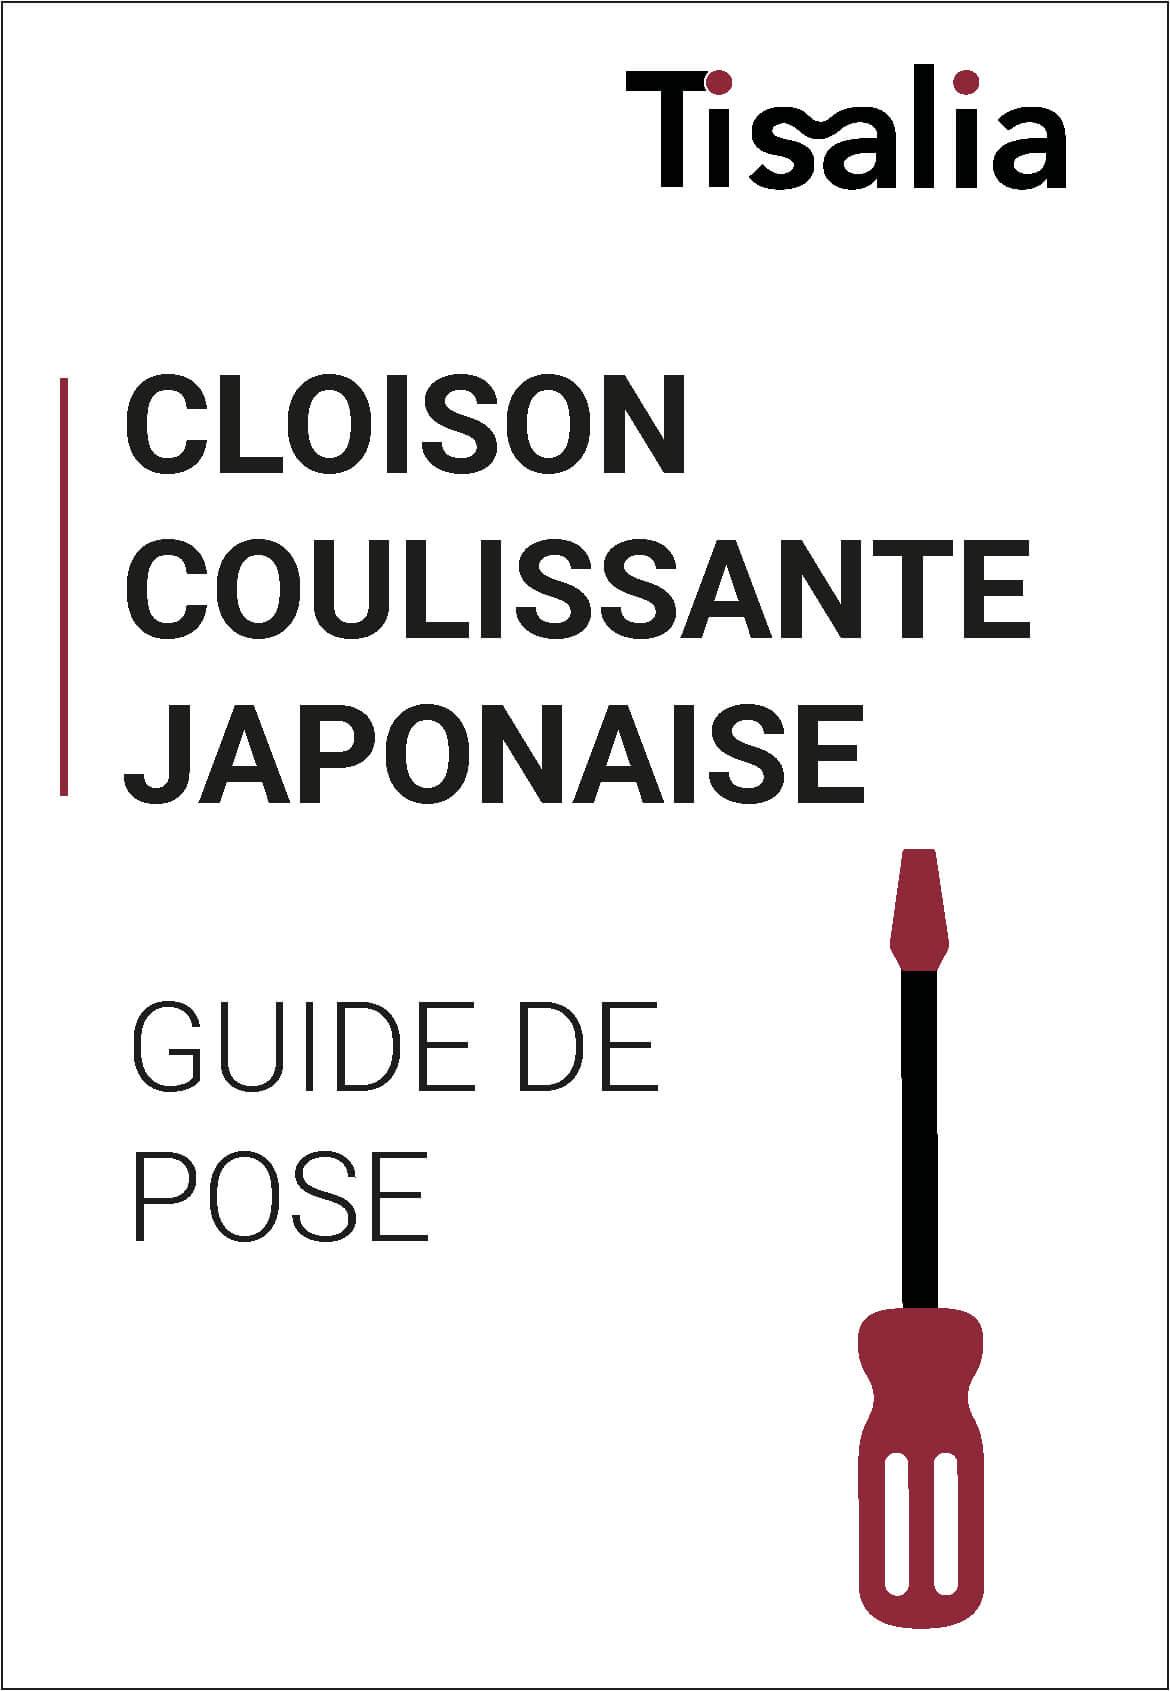 Cloisons coulissantes japonaises - guide de pose.jpg